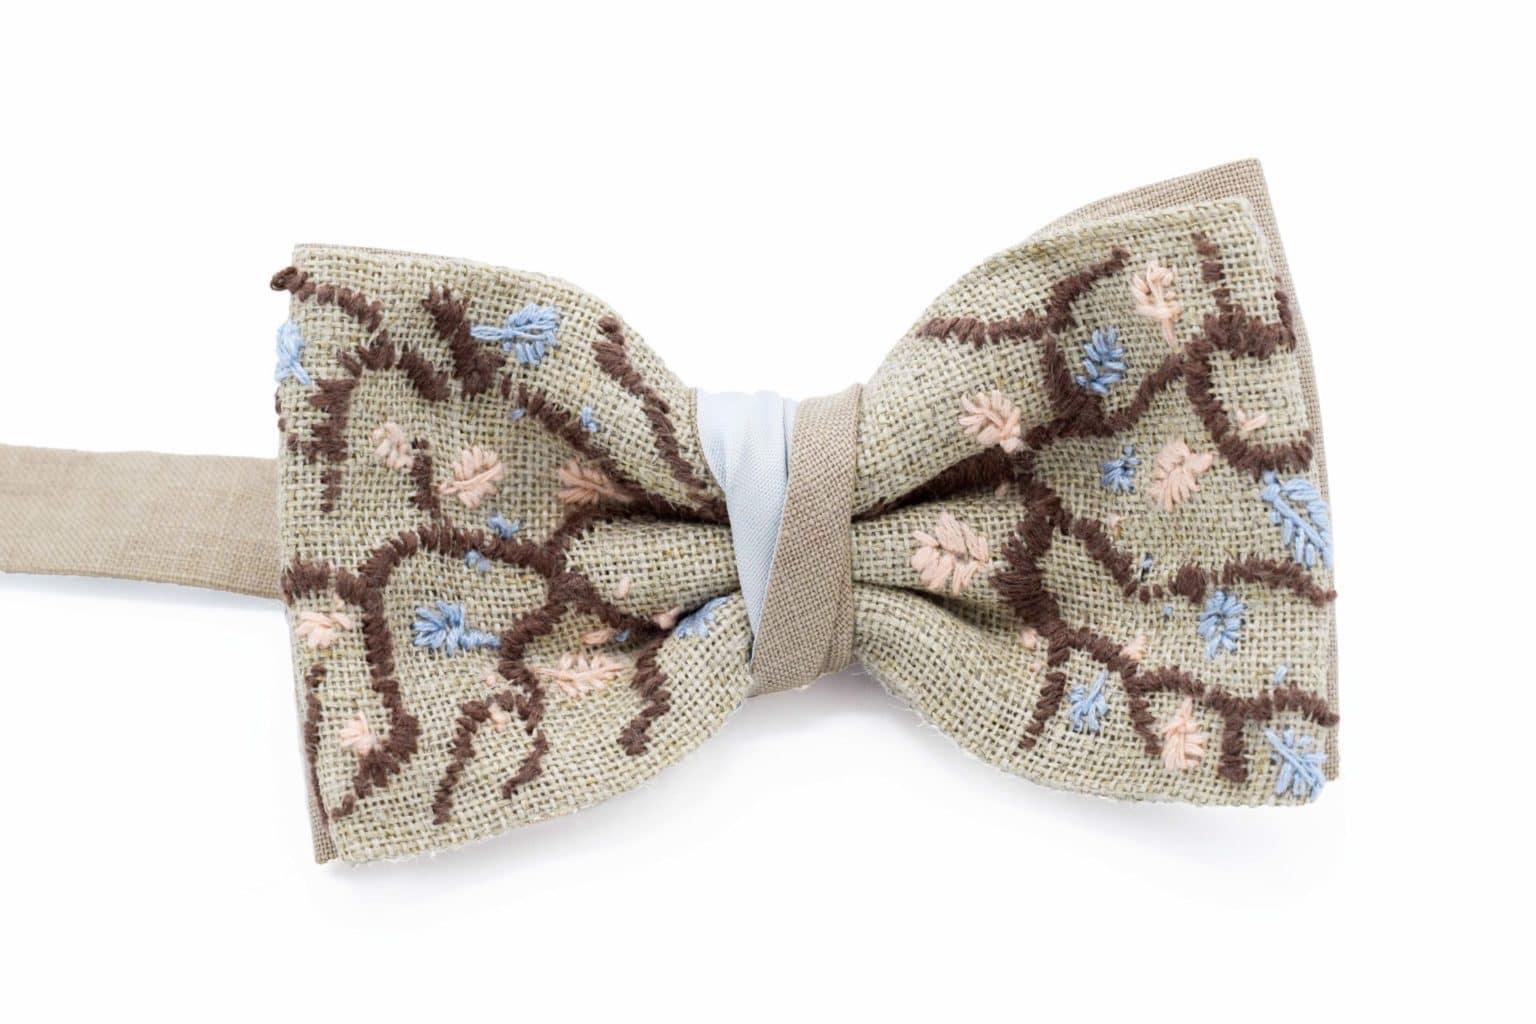 Nœud papillon en laine prémonté sur mesure brodé fleurs à la main en pièce unique par un artisan Français.